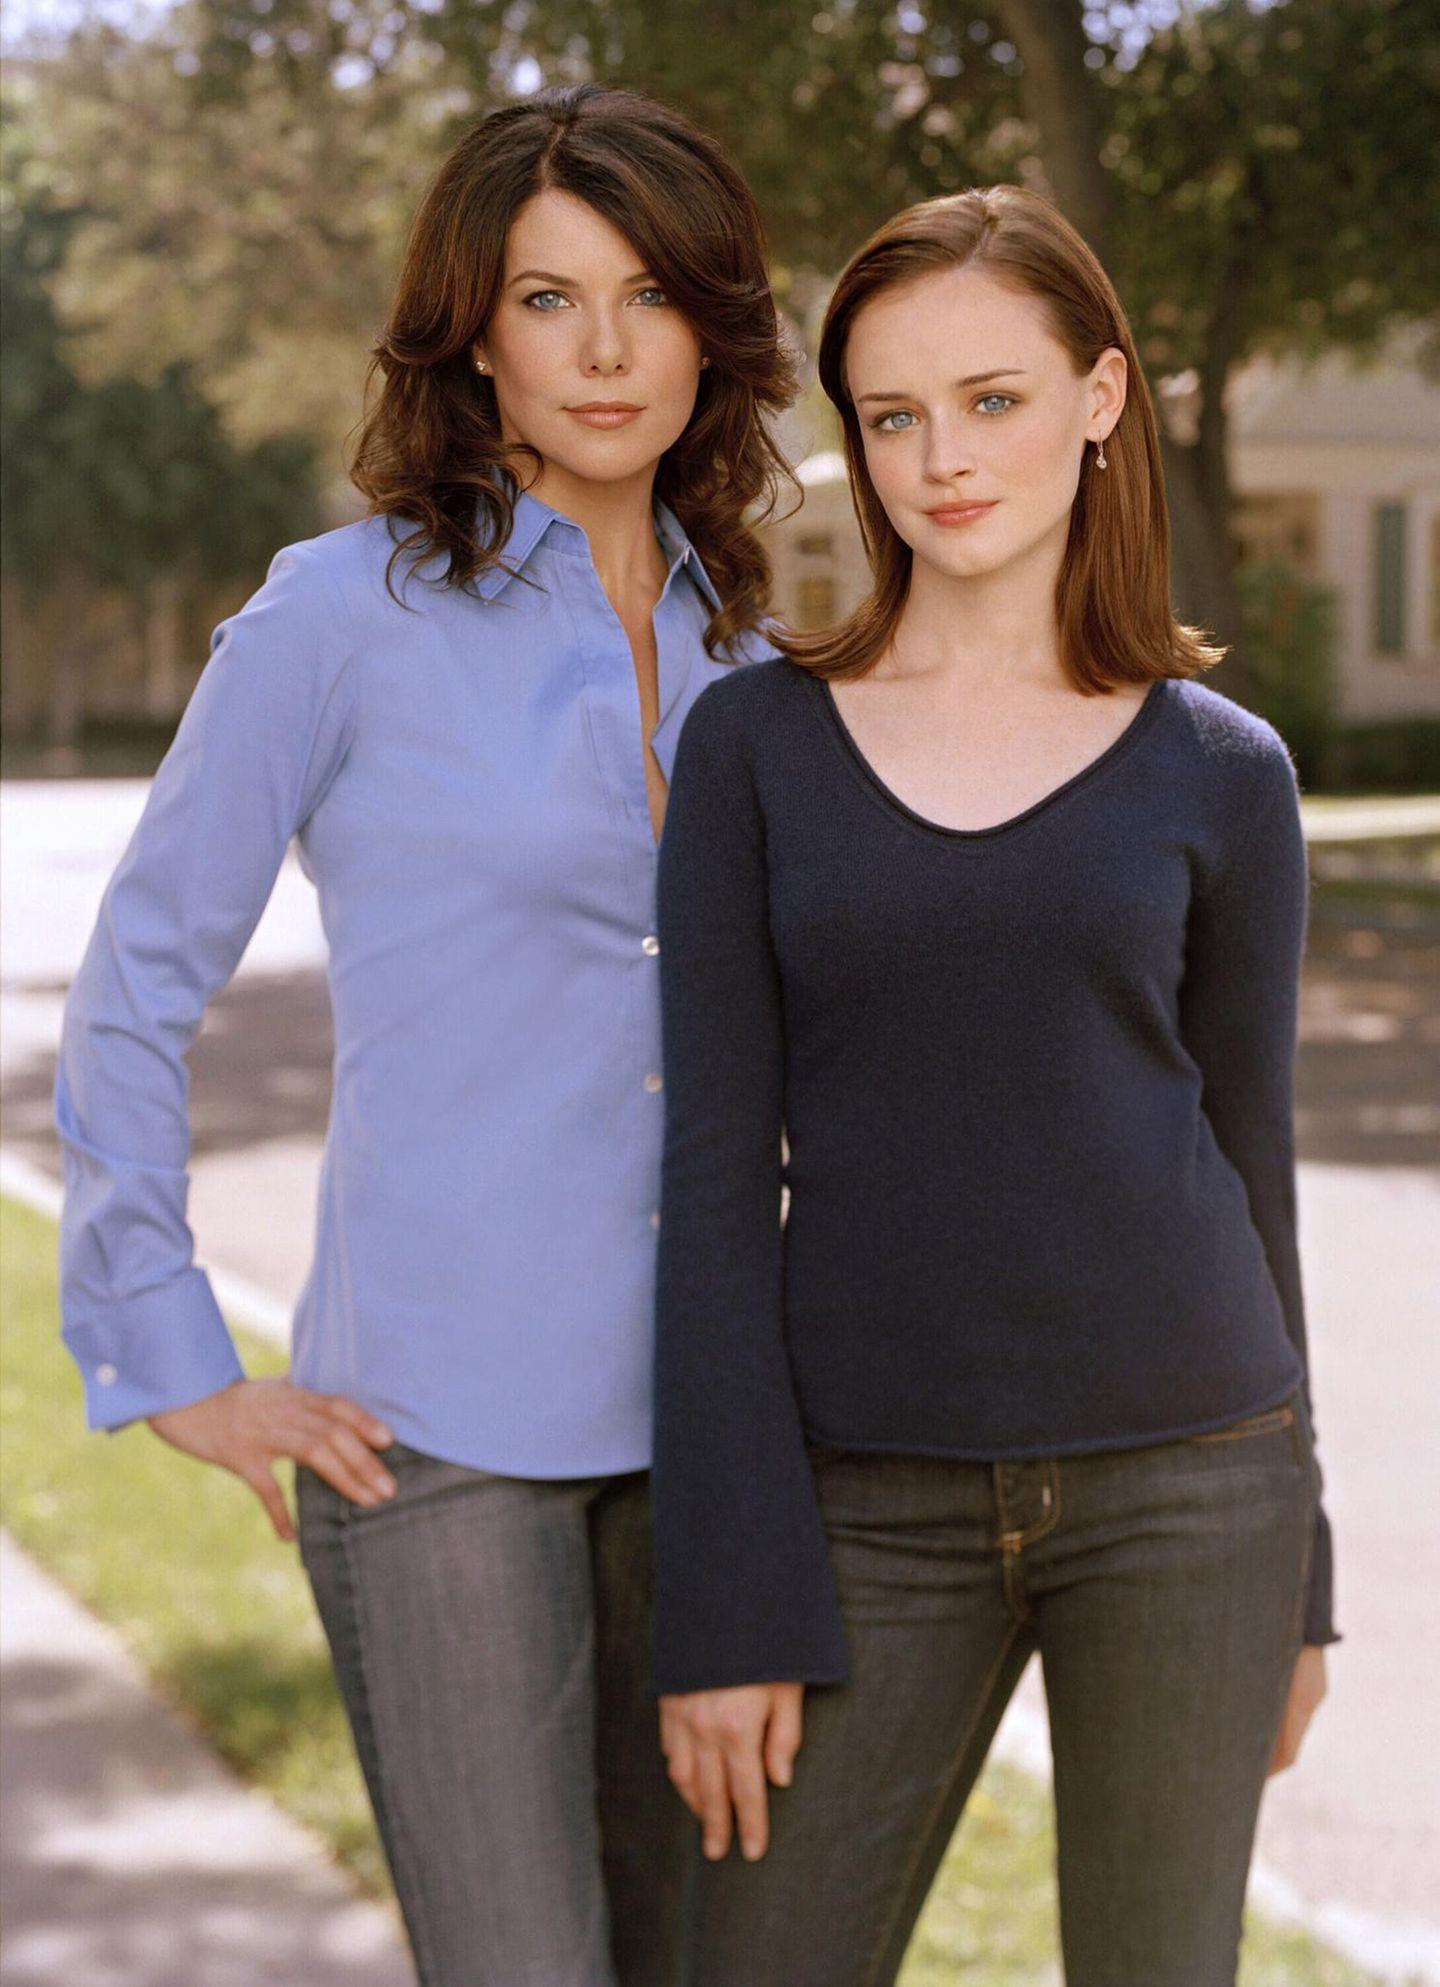 Gilmore Girls  Die Serien um das Mutter-Tochter-Gespann Lorelai (Lauren Graham) und Rory Gilmore (Alexis Bledel) wird von 2000 bis 2007 ausgestrahlt.